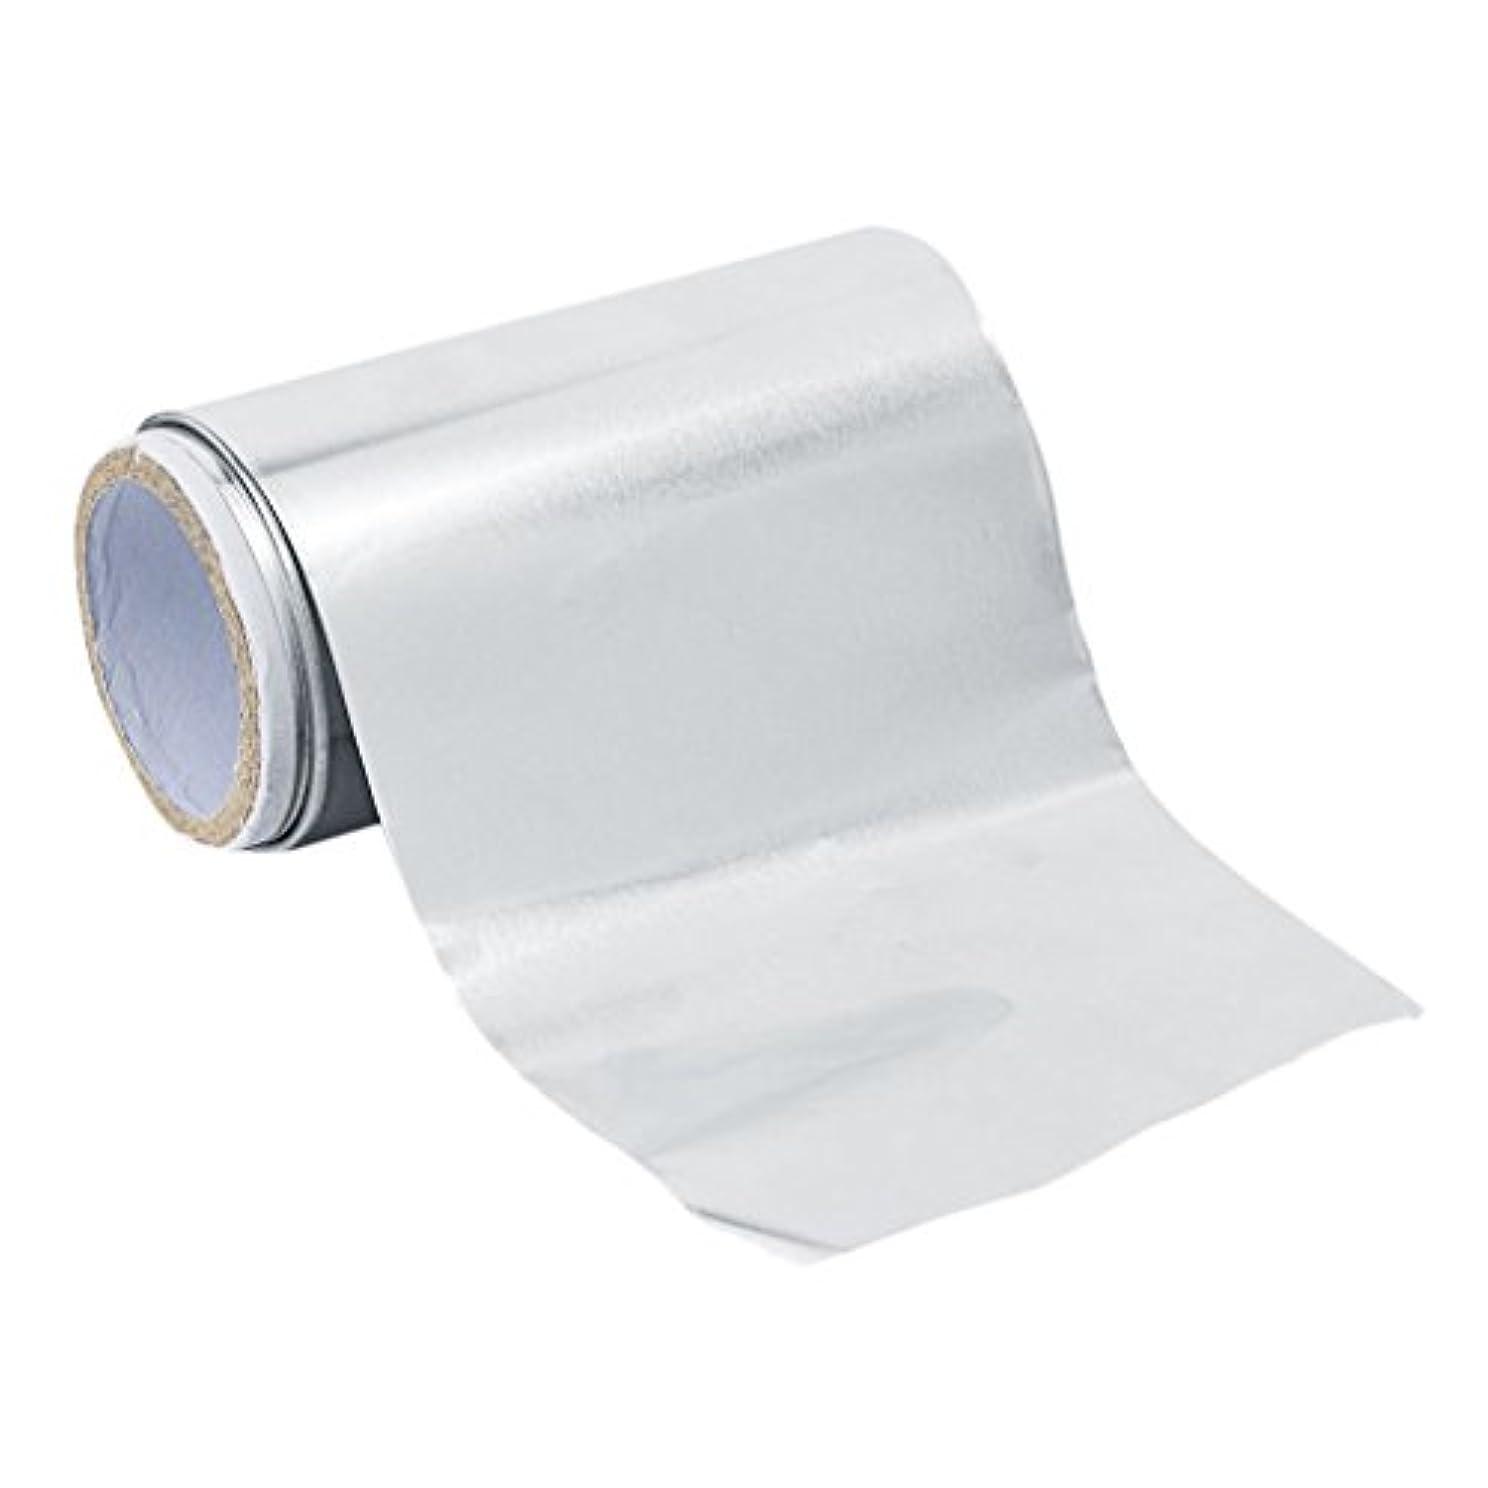 カラス陸軍緊張するFenteer アルミニウム ヘア/ネイル用 錫箔紙 ネイルアート 爪化粧用具  クリーナーツール ジェル除却 5m